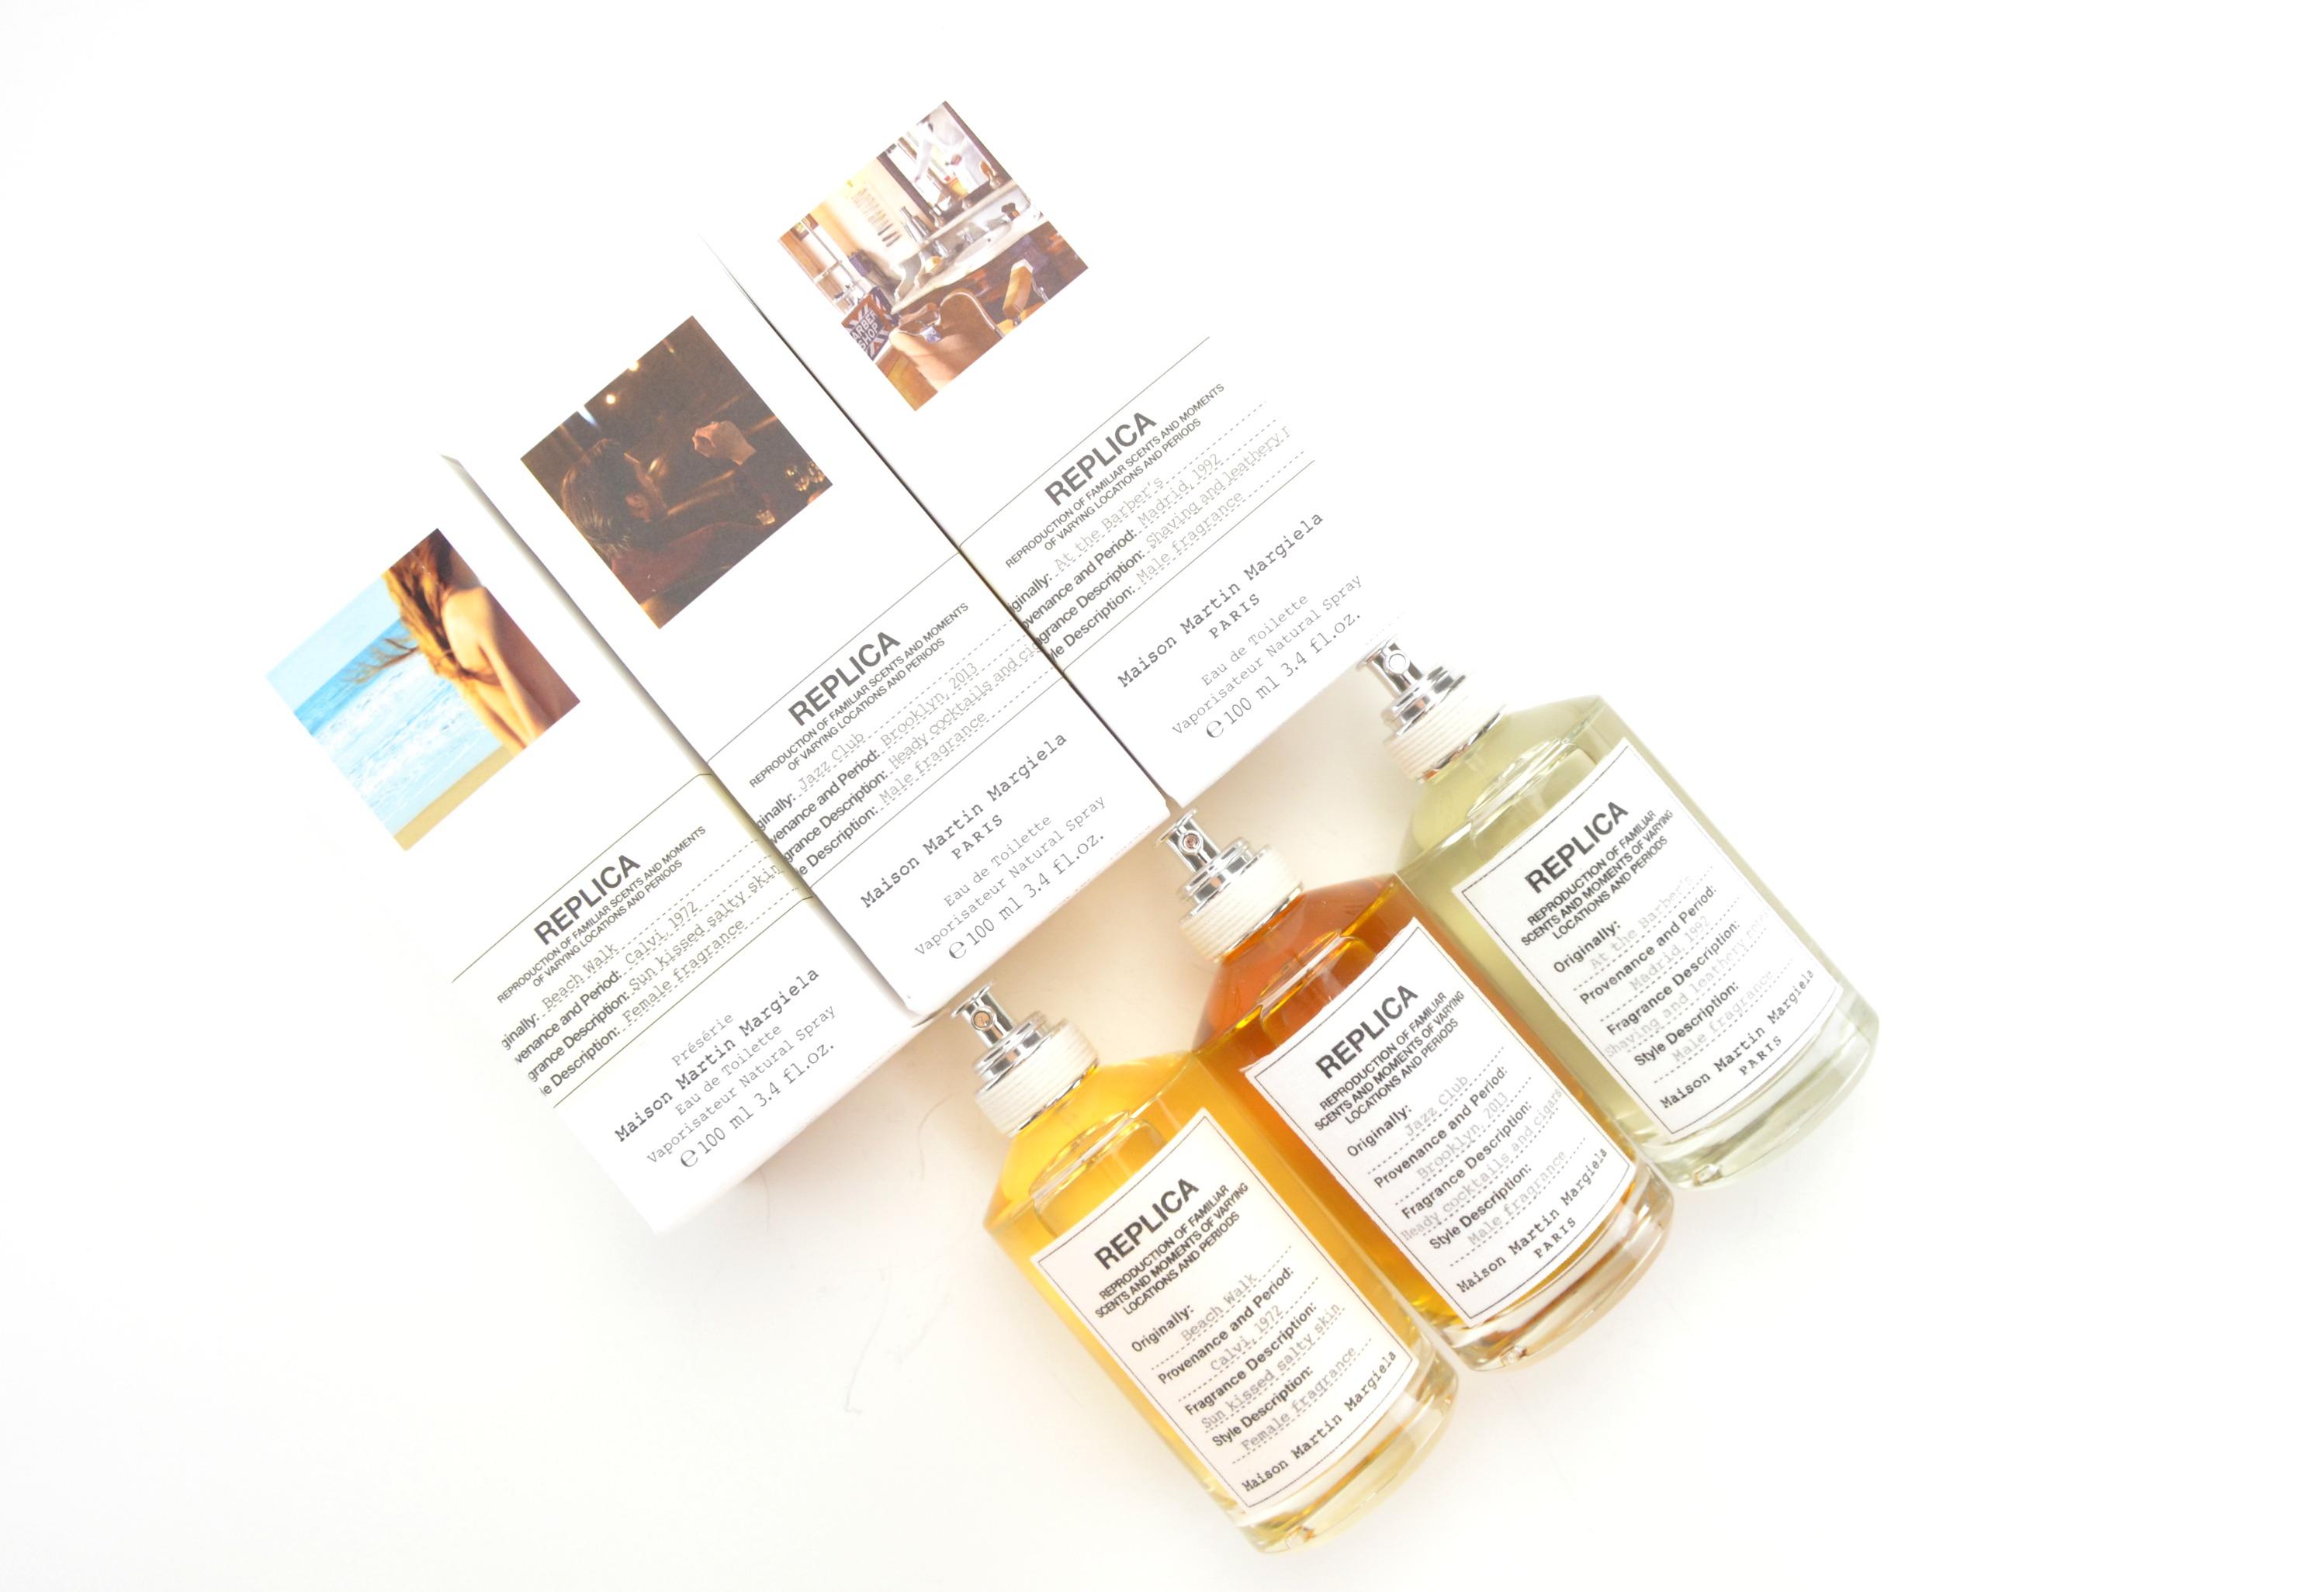 Maison martin margiela replica fragrances review for Maison martin margiela replica